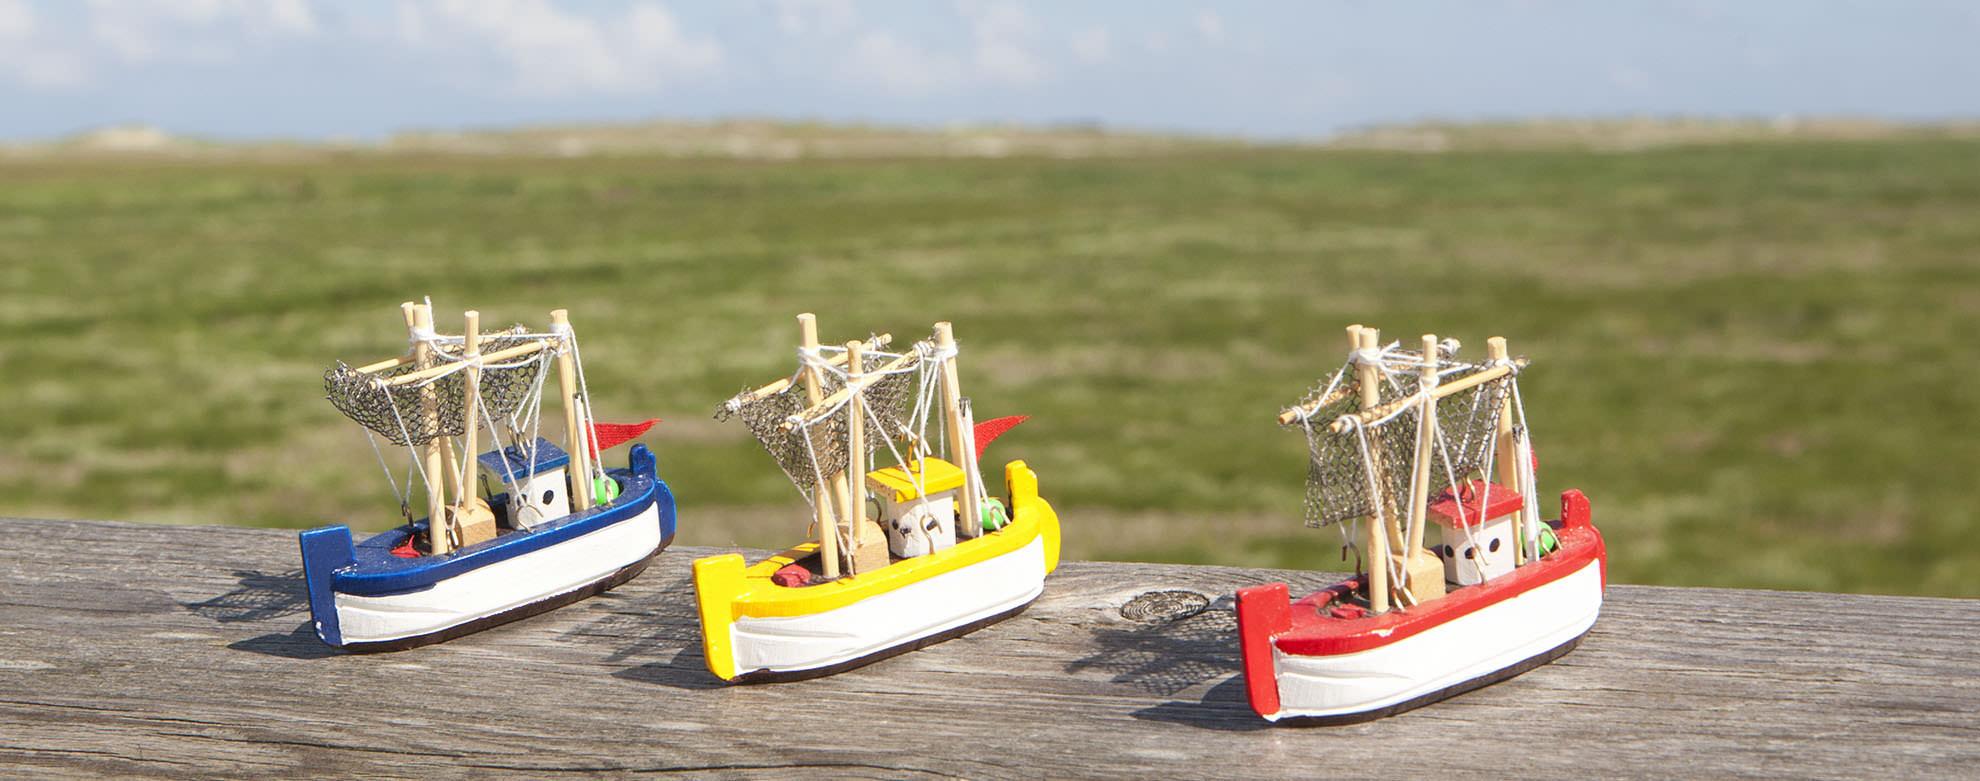 Fischerboote / Krabbenkutter